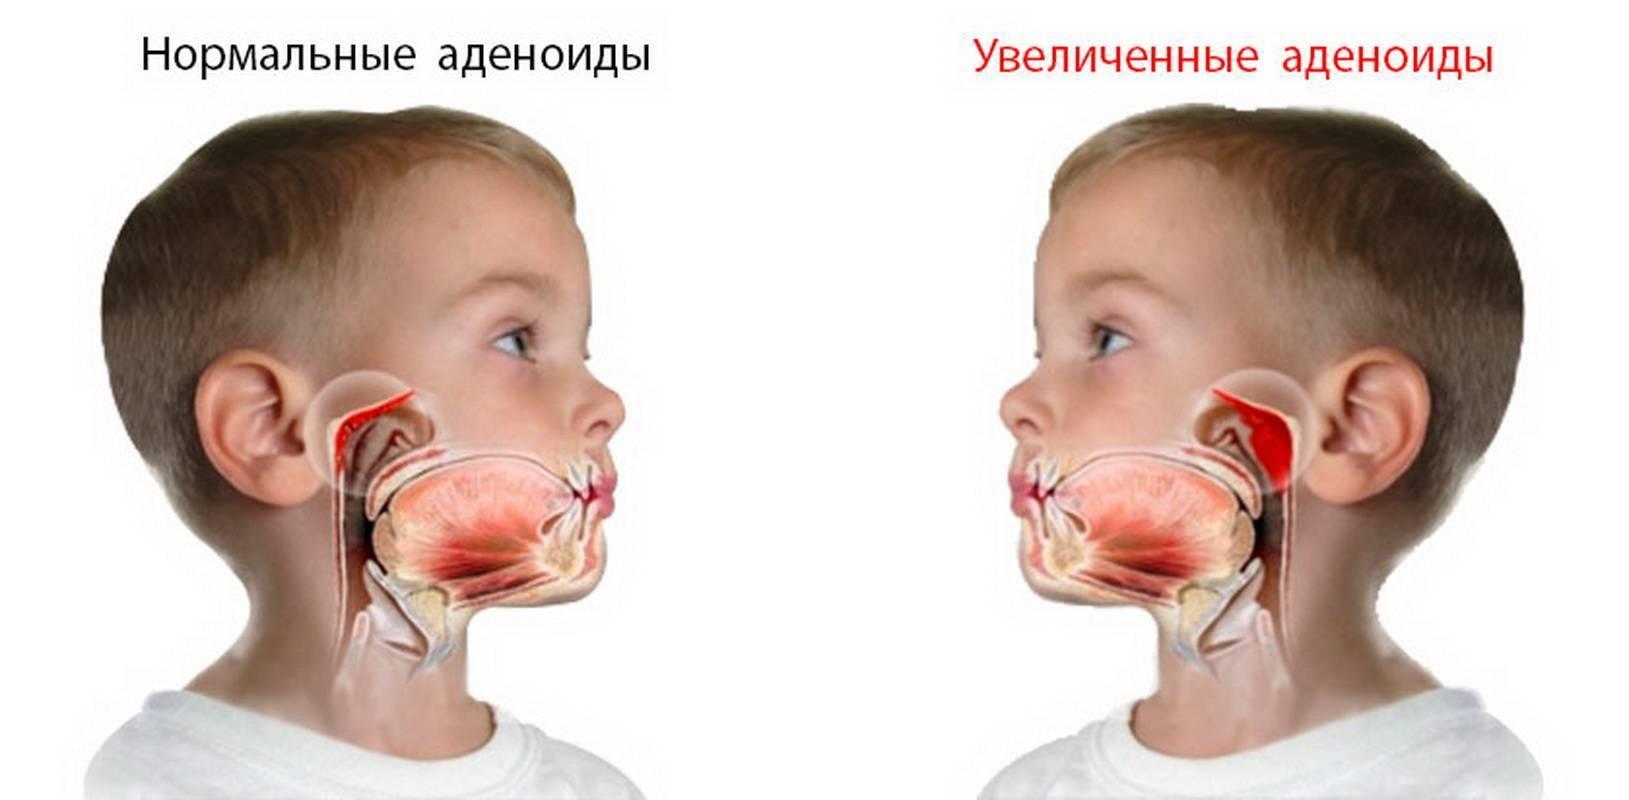 Аденоиды у детей: симптомы и лечение без операции, советы комаровского